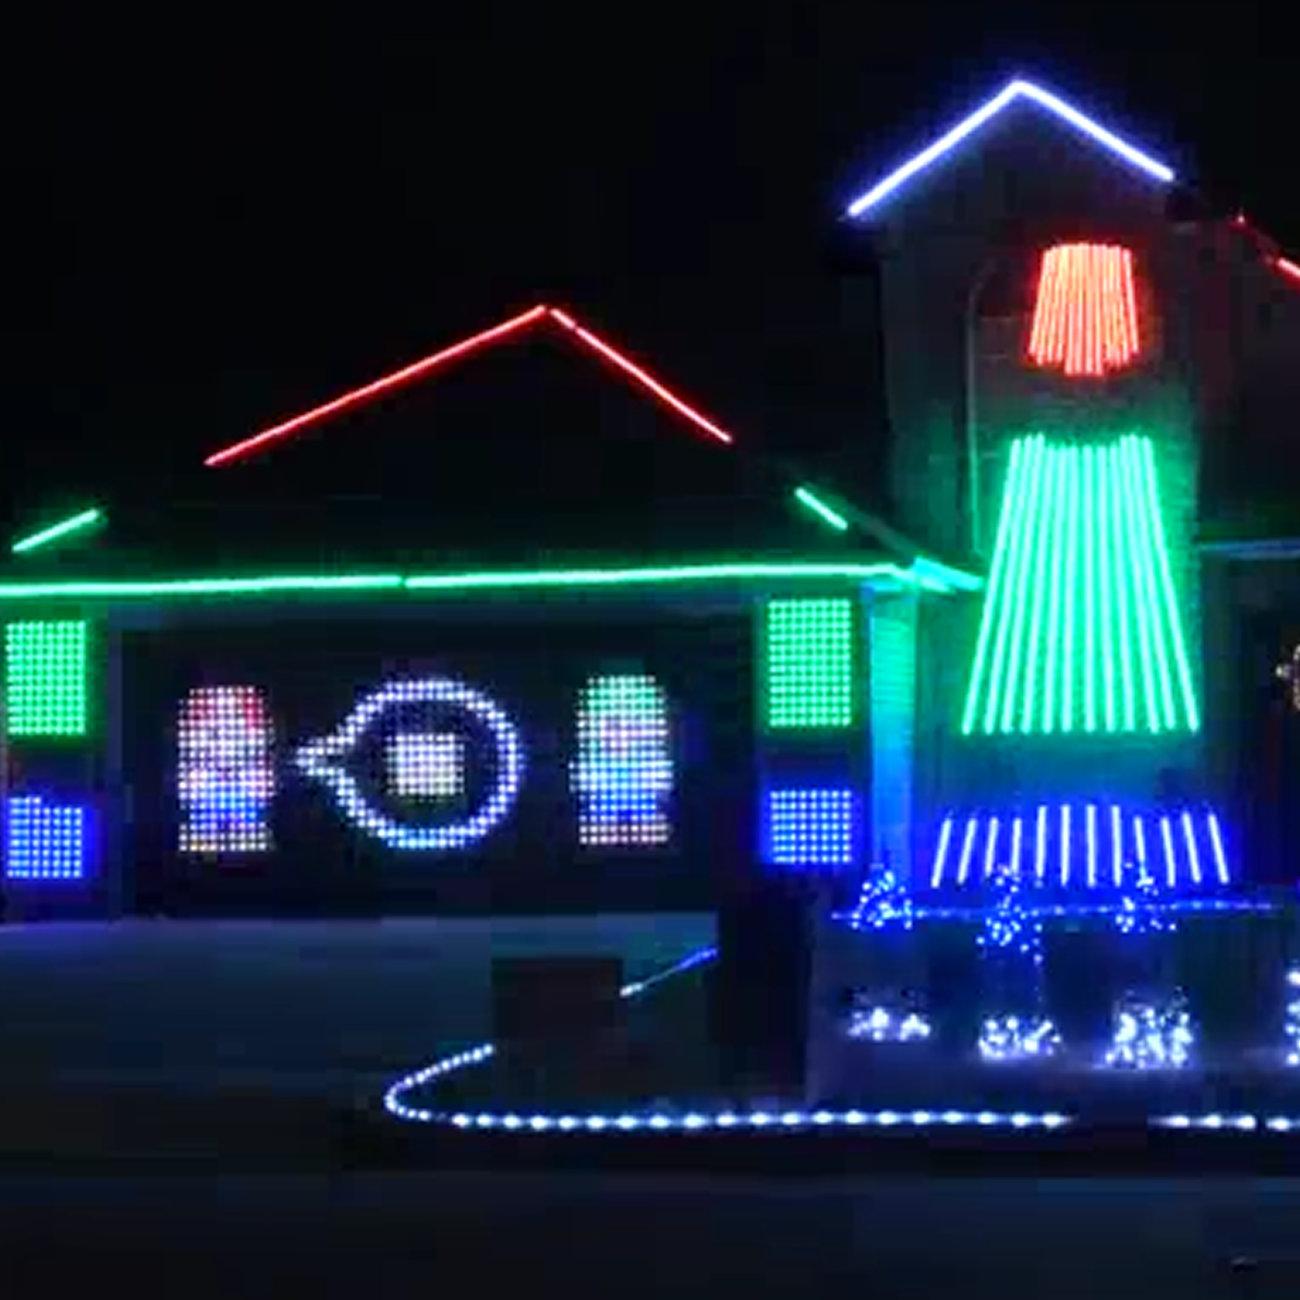 マリオをテーマにしたクリスマス イルミネーション